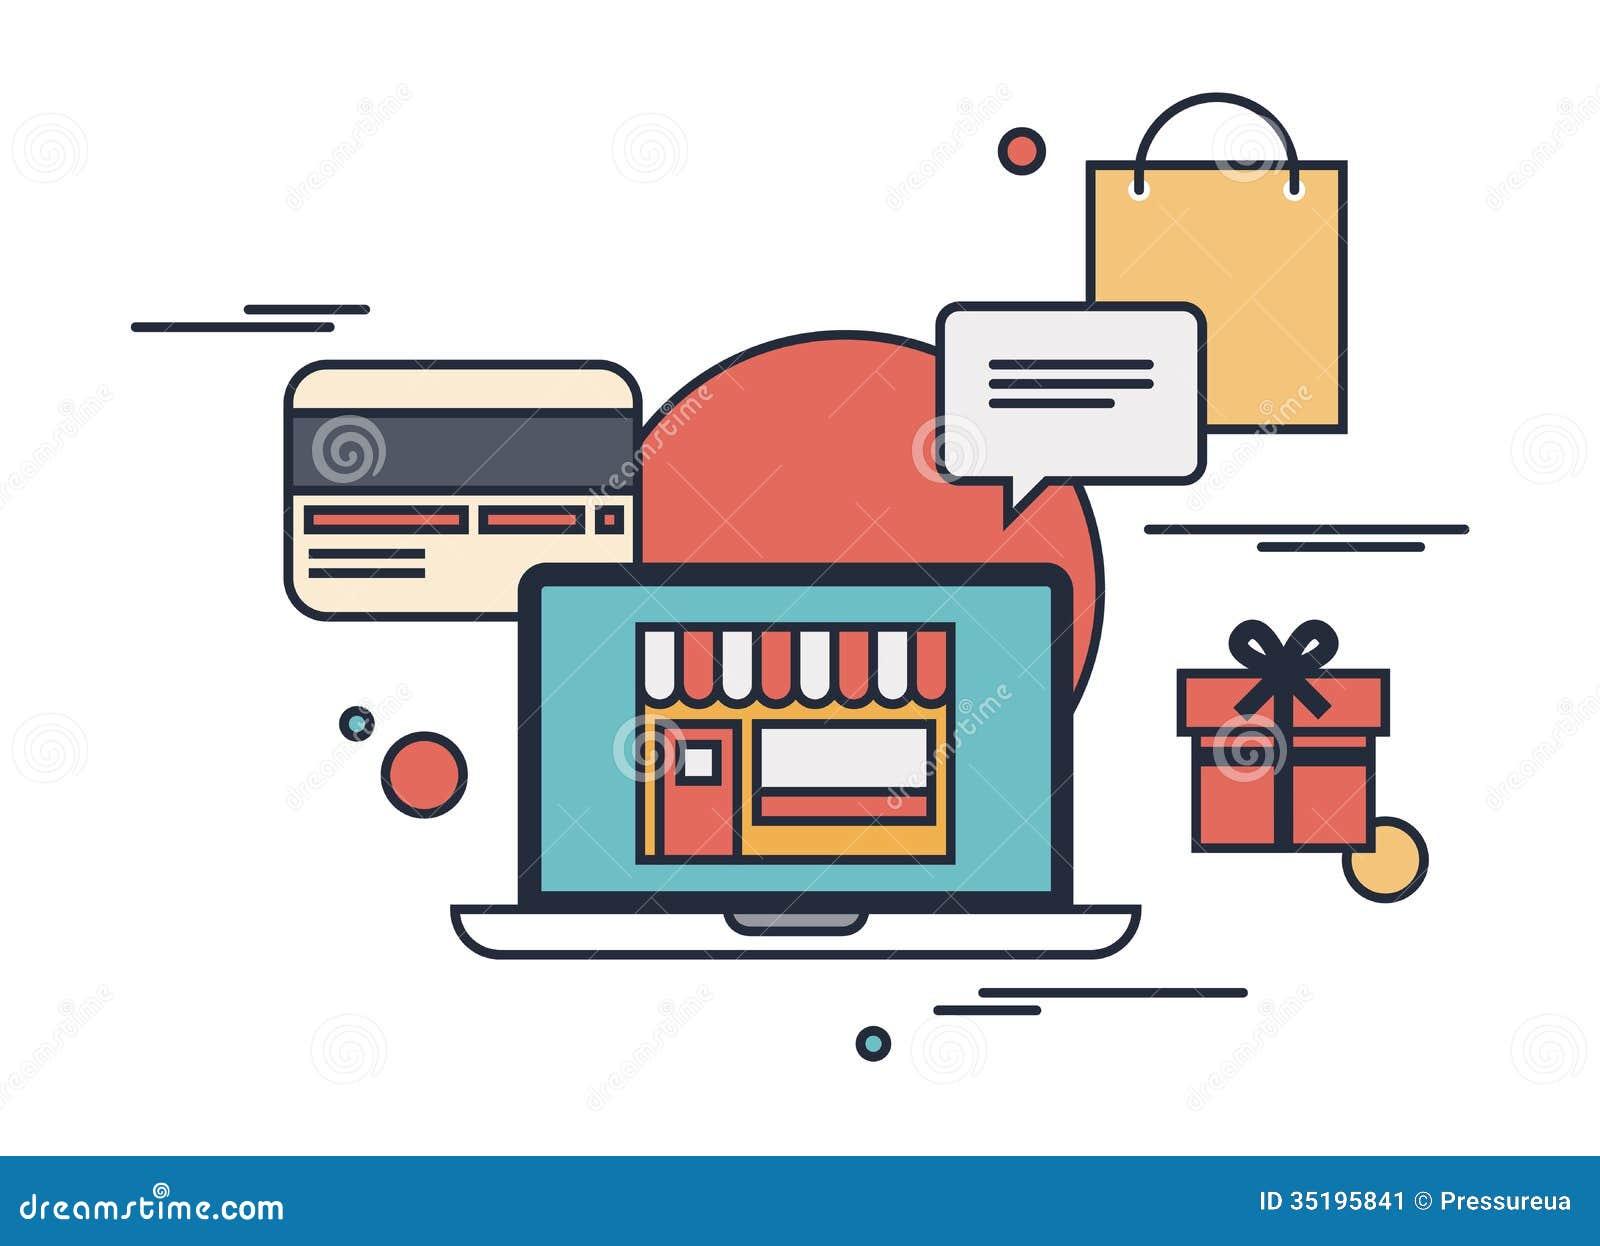 Online shopping flat illustration concept stock image for Design outlet online